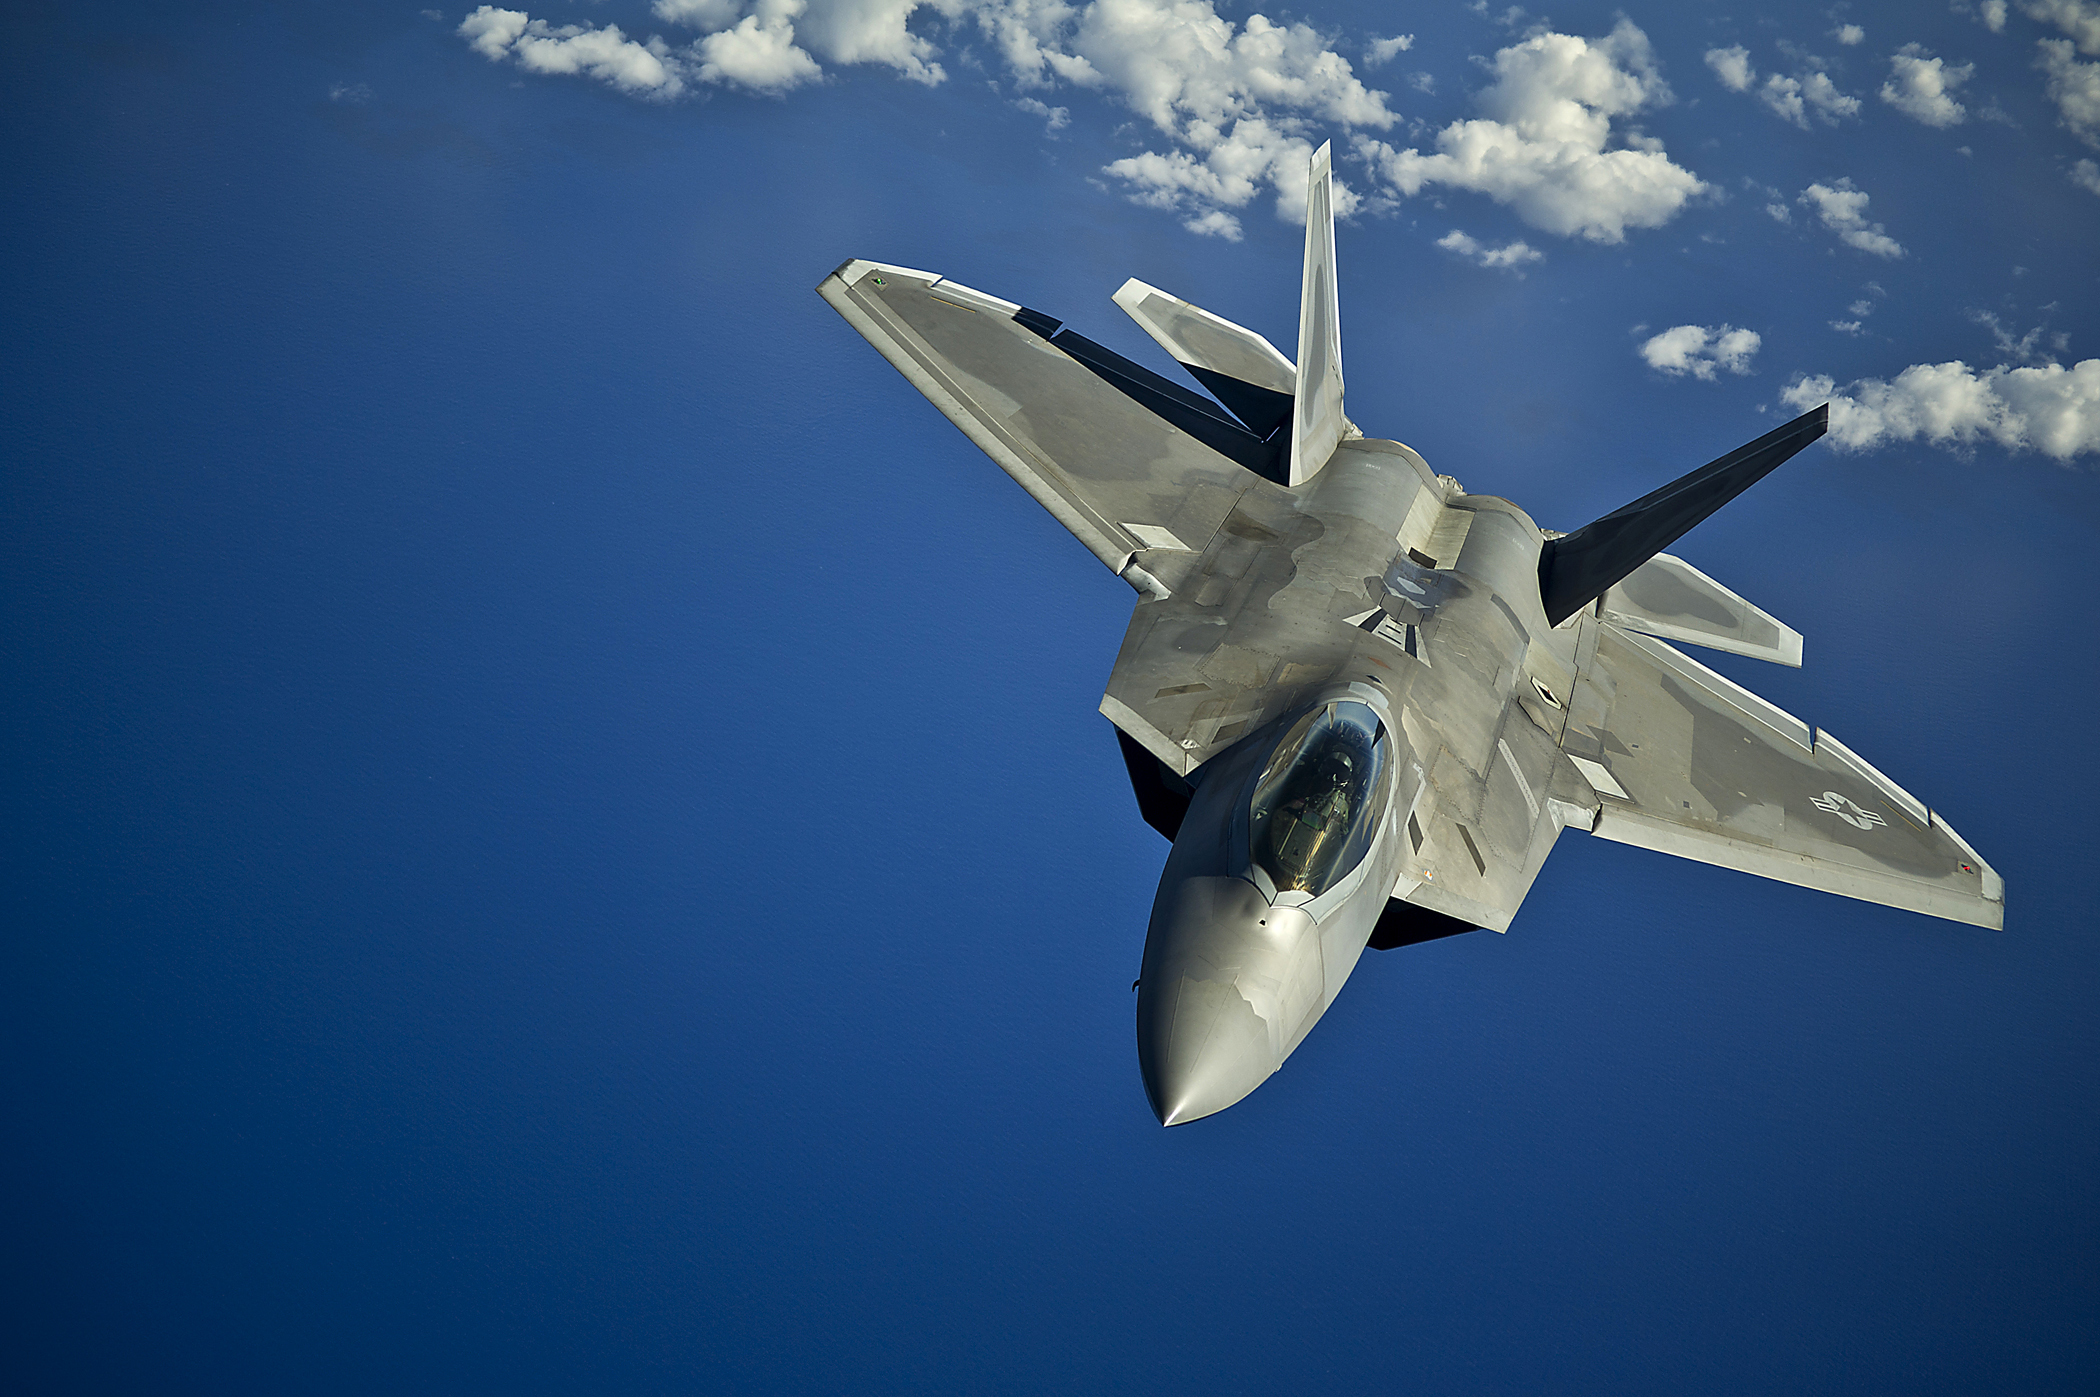 Fonds d'ecran Avions Avion de chasse F-22 Raptor Aviation télécharger photo